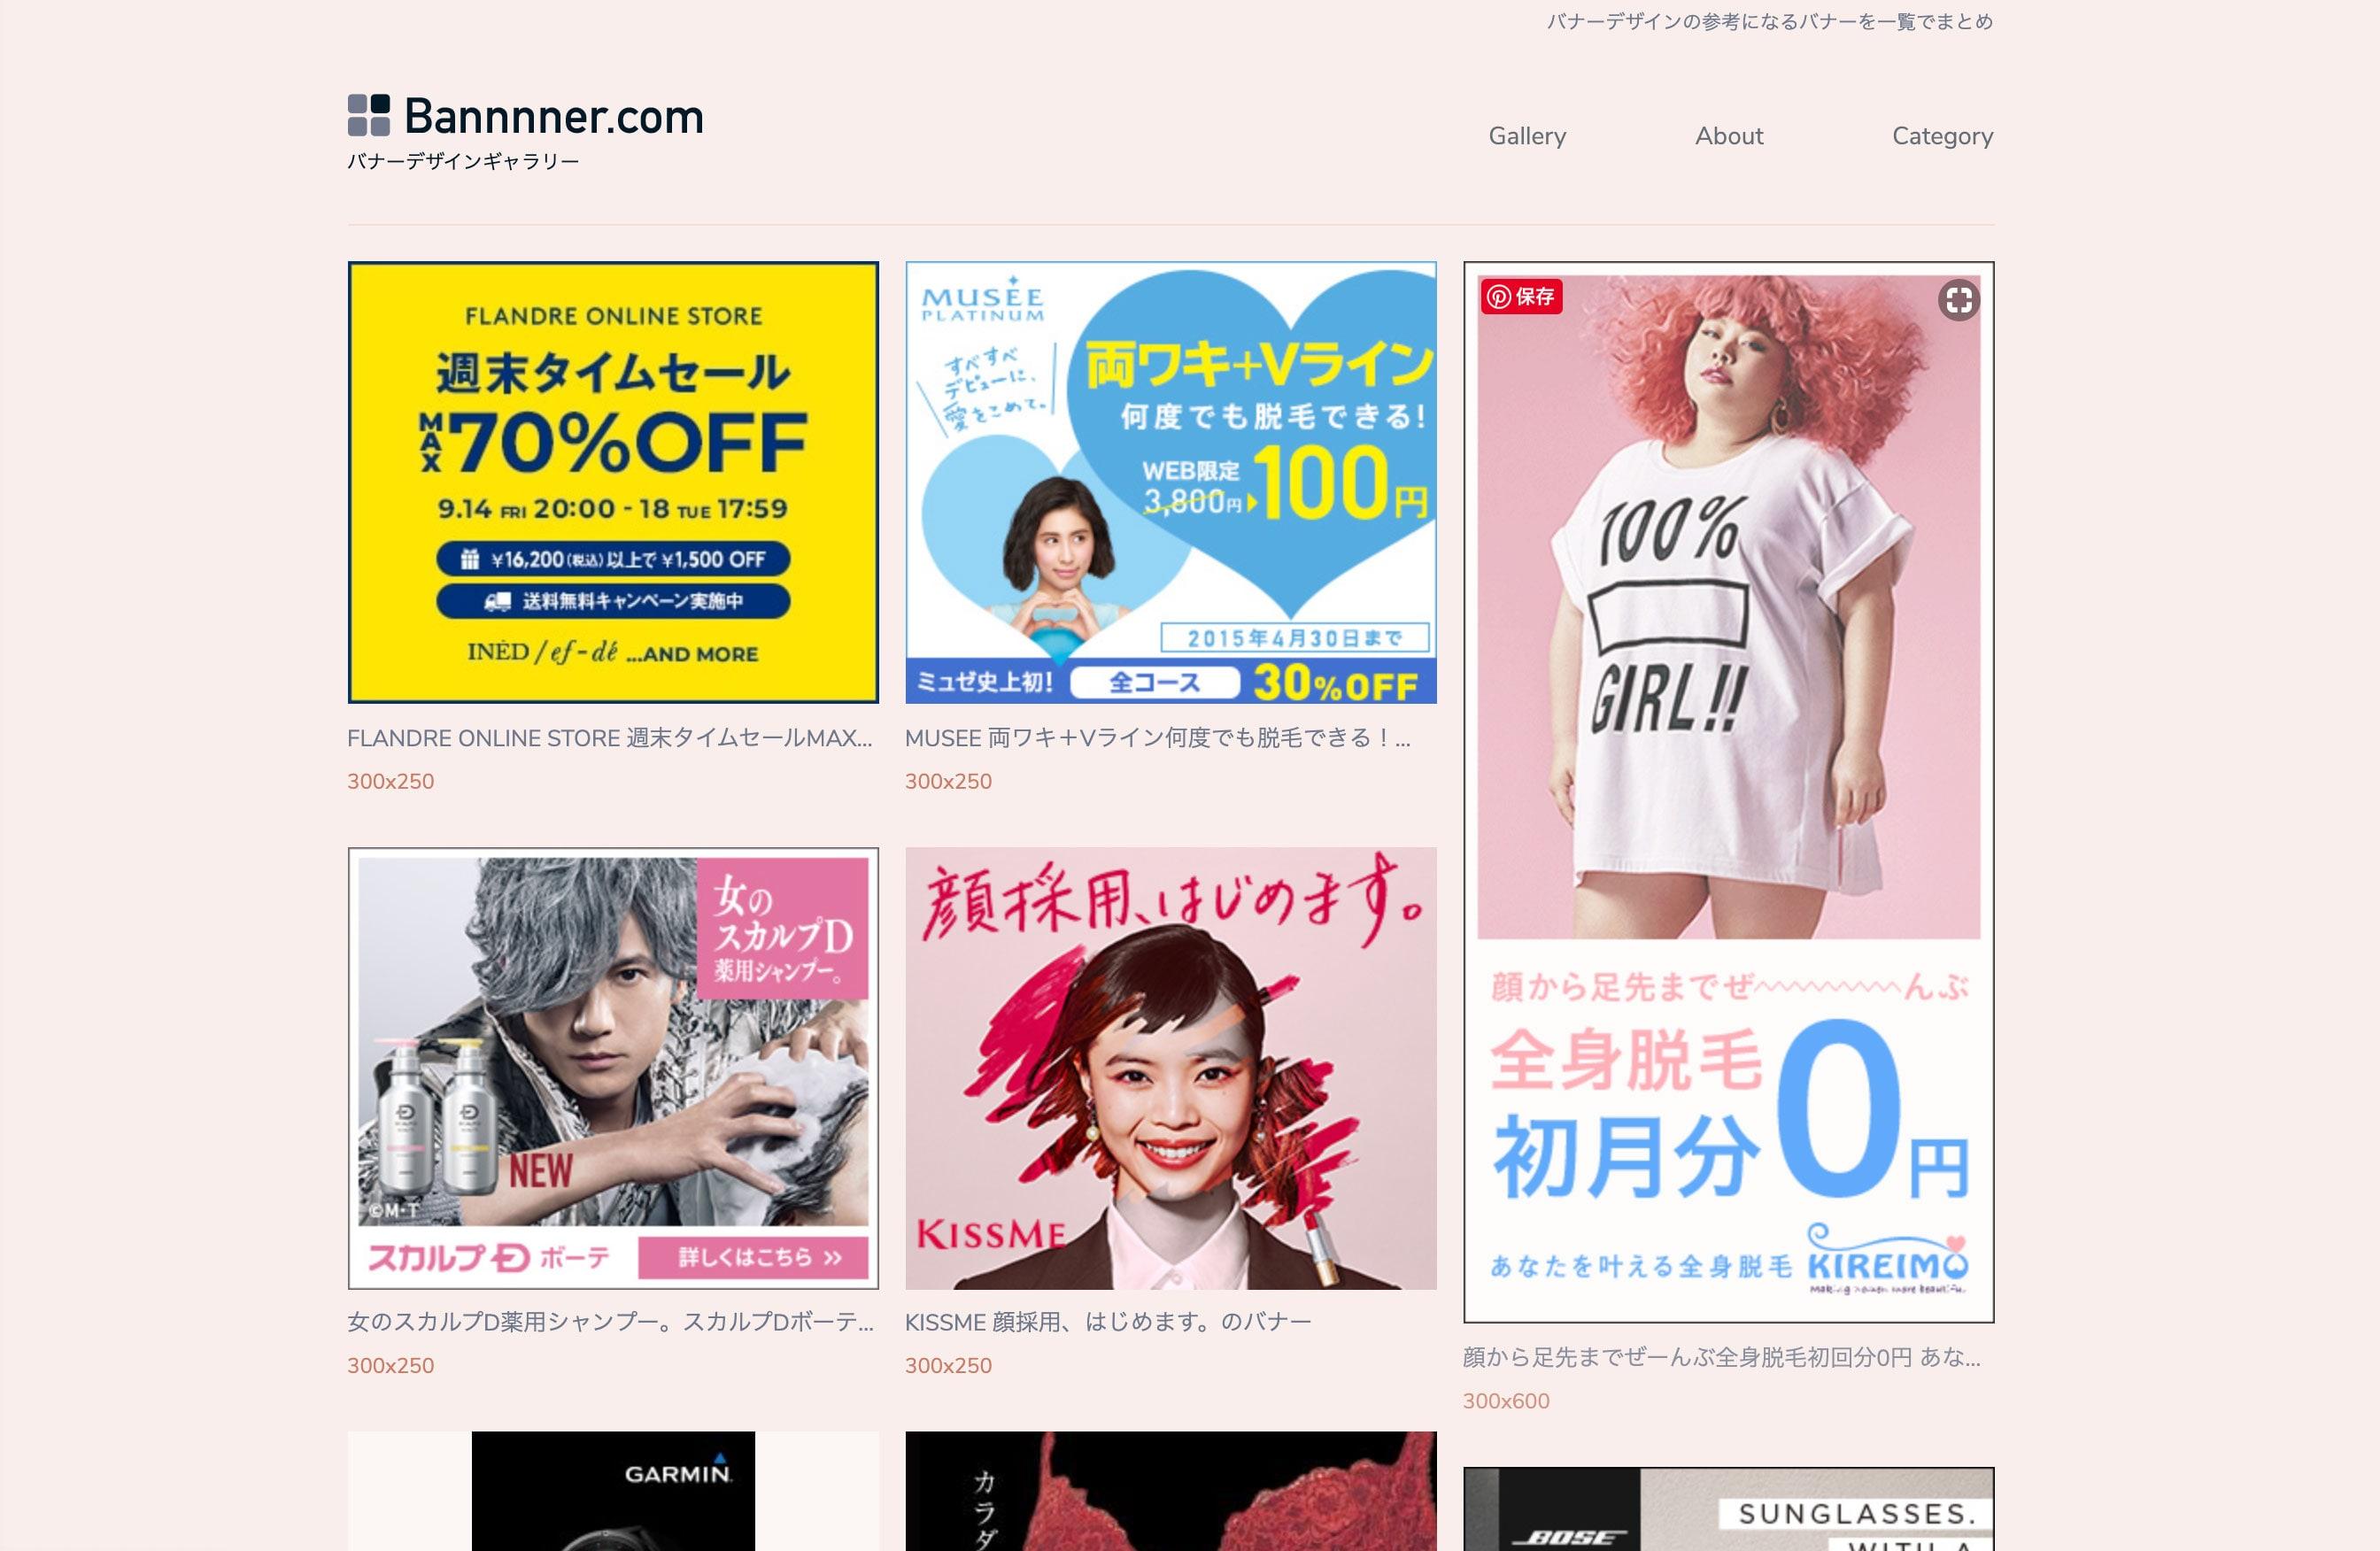 Bannnner.com